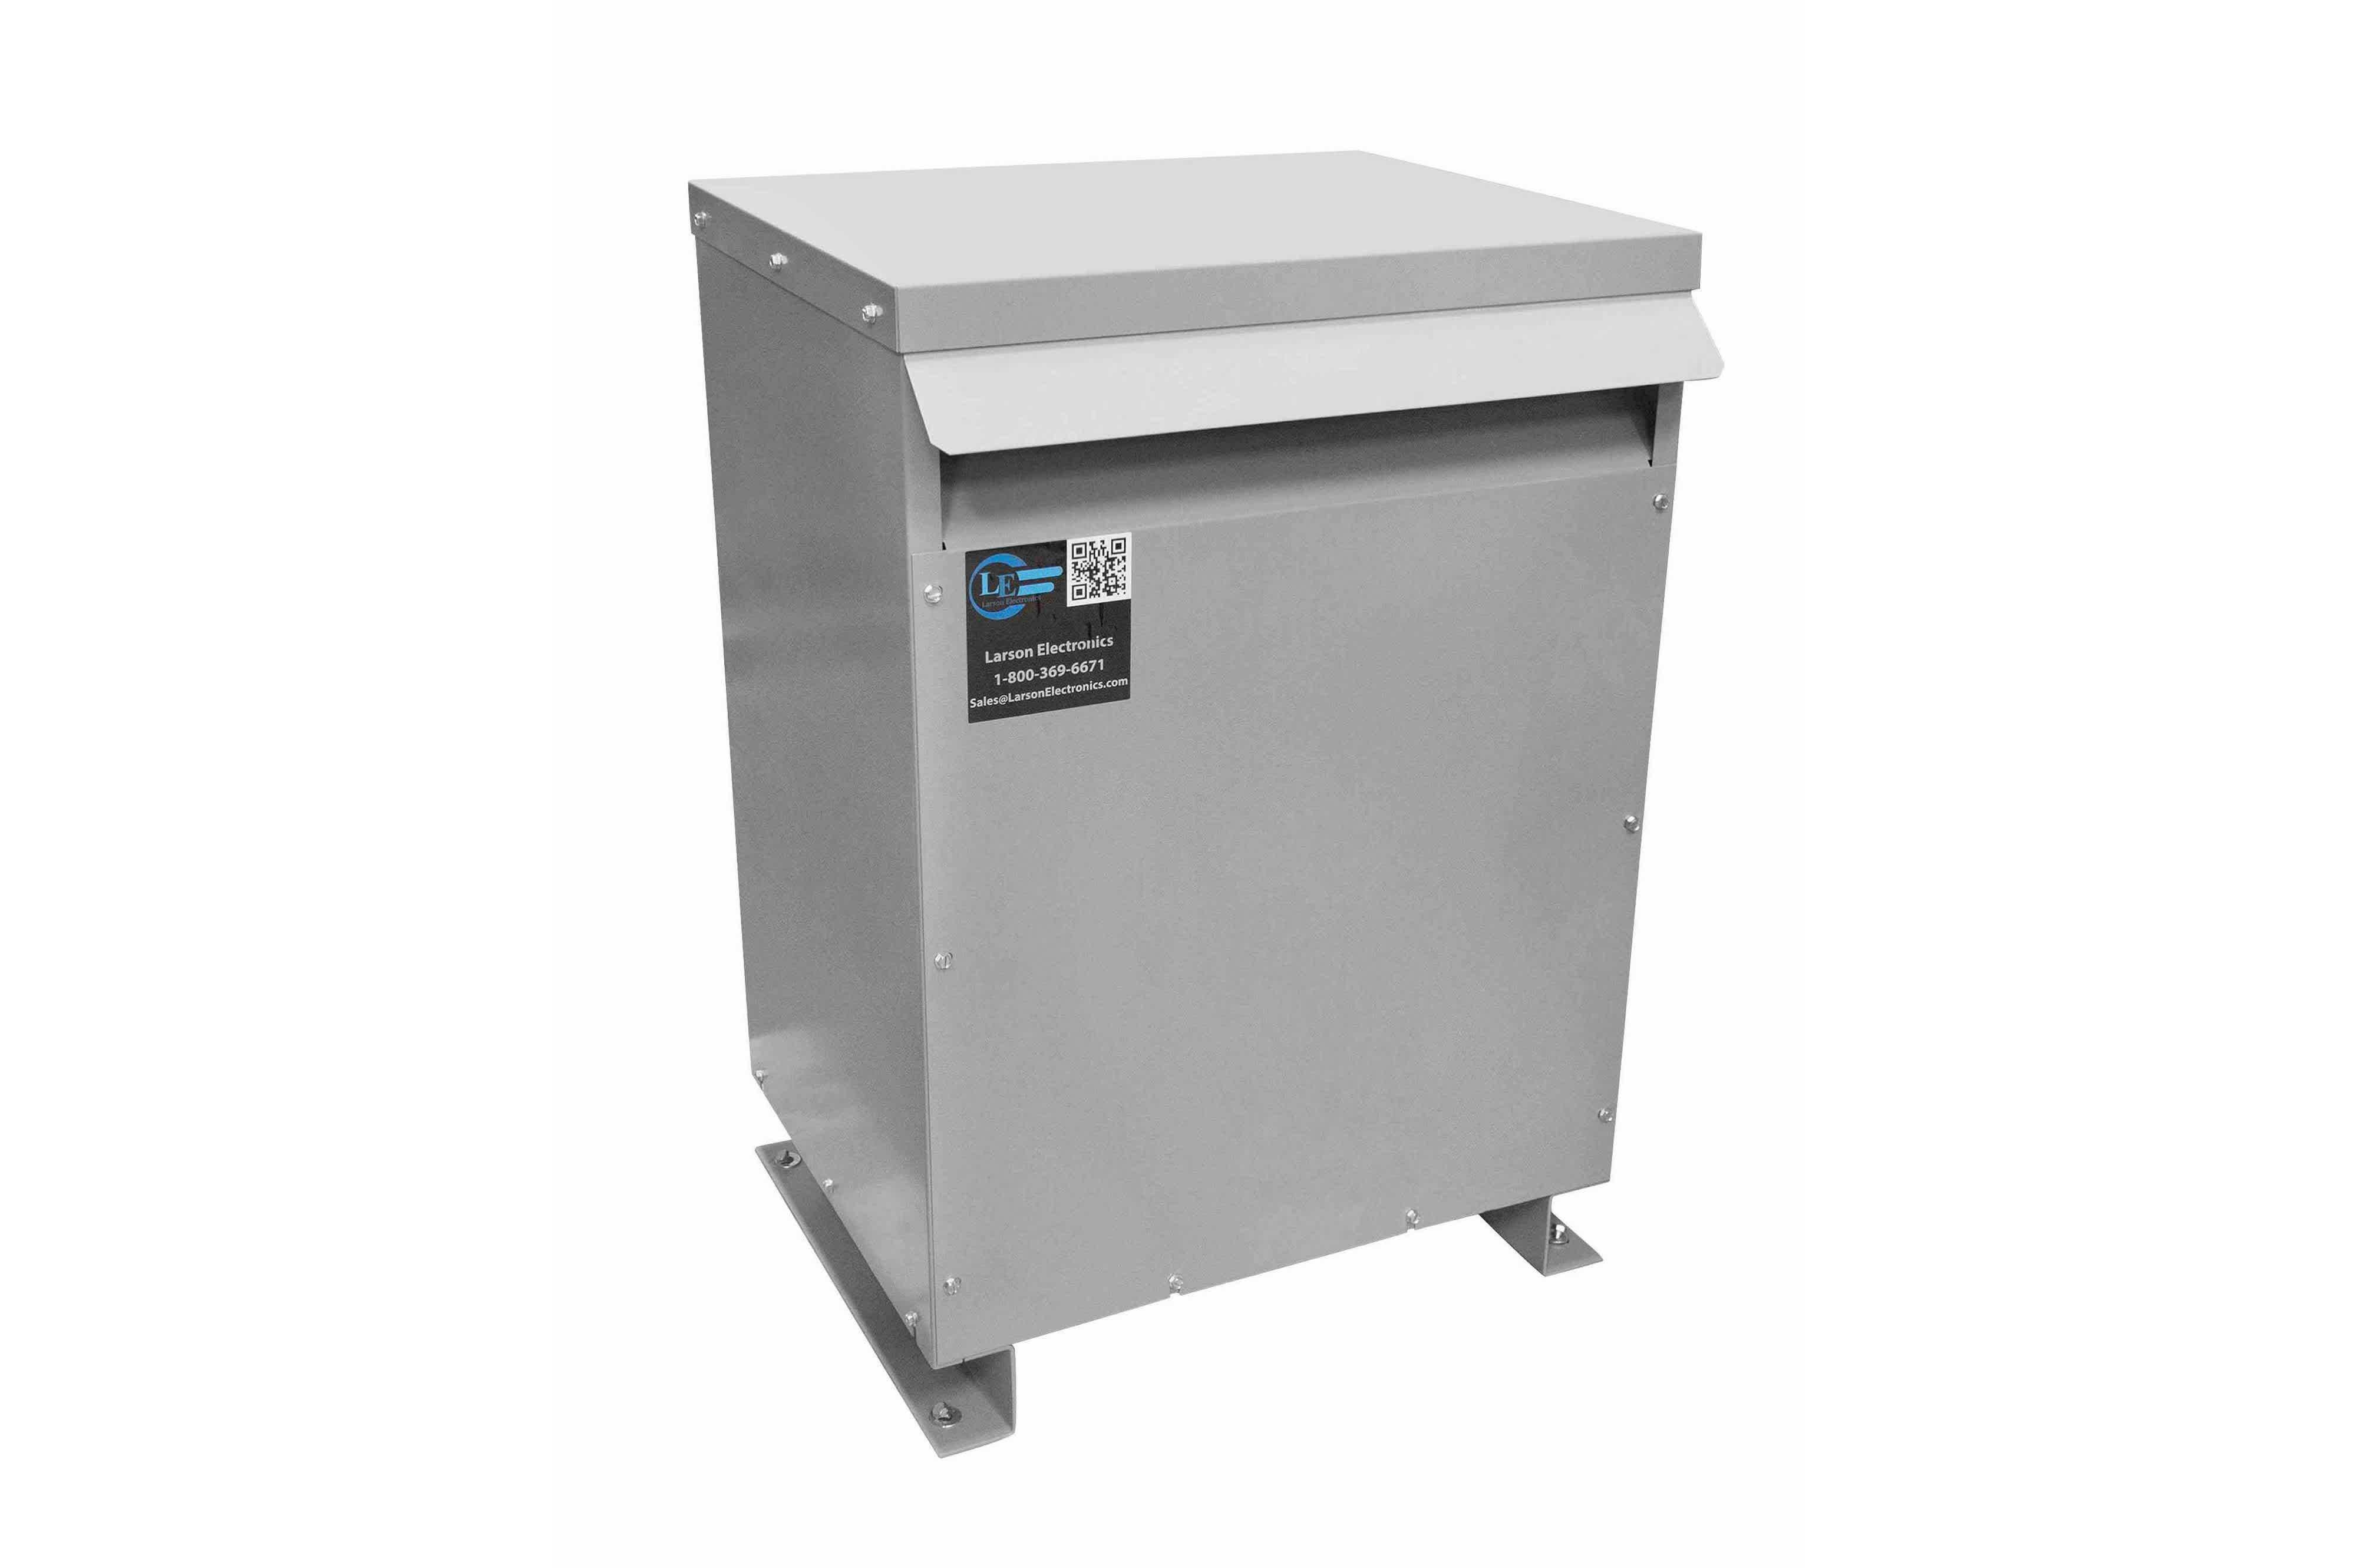 112.5 kVA 3PH Isolation Transformer, 415V Delta Primary, 480V Delta Secondary, N3R, Ventilated, 60 Hz